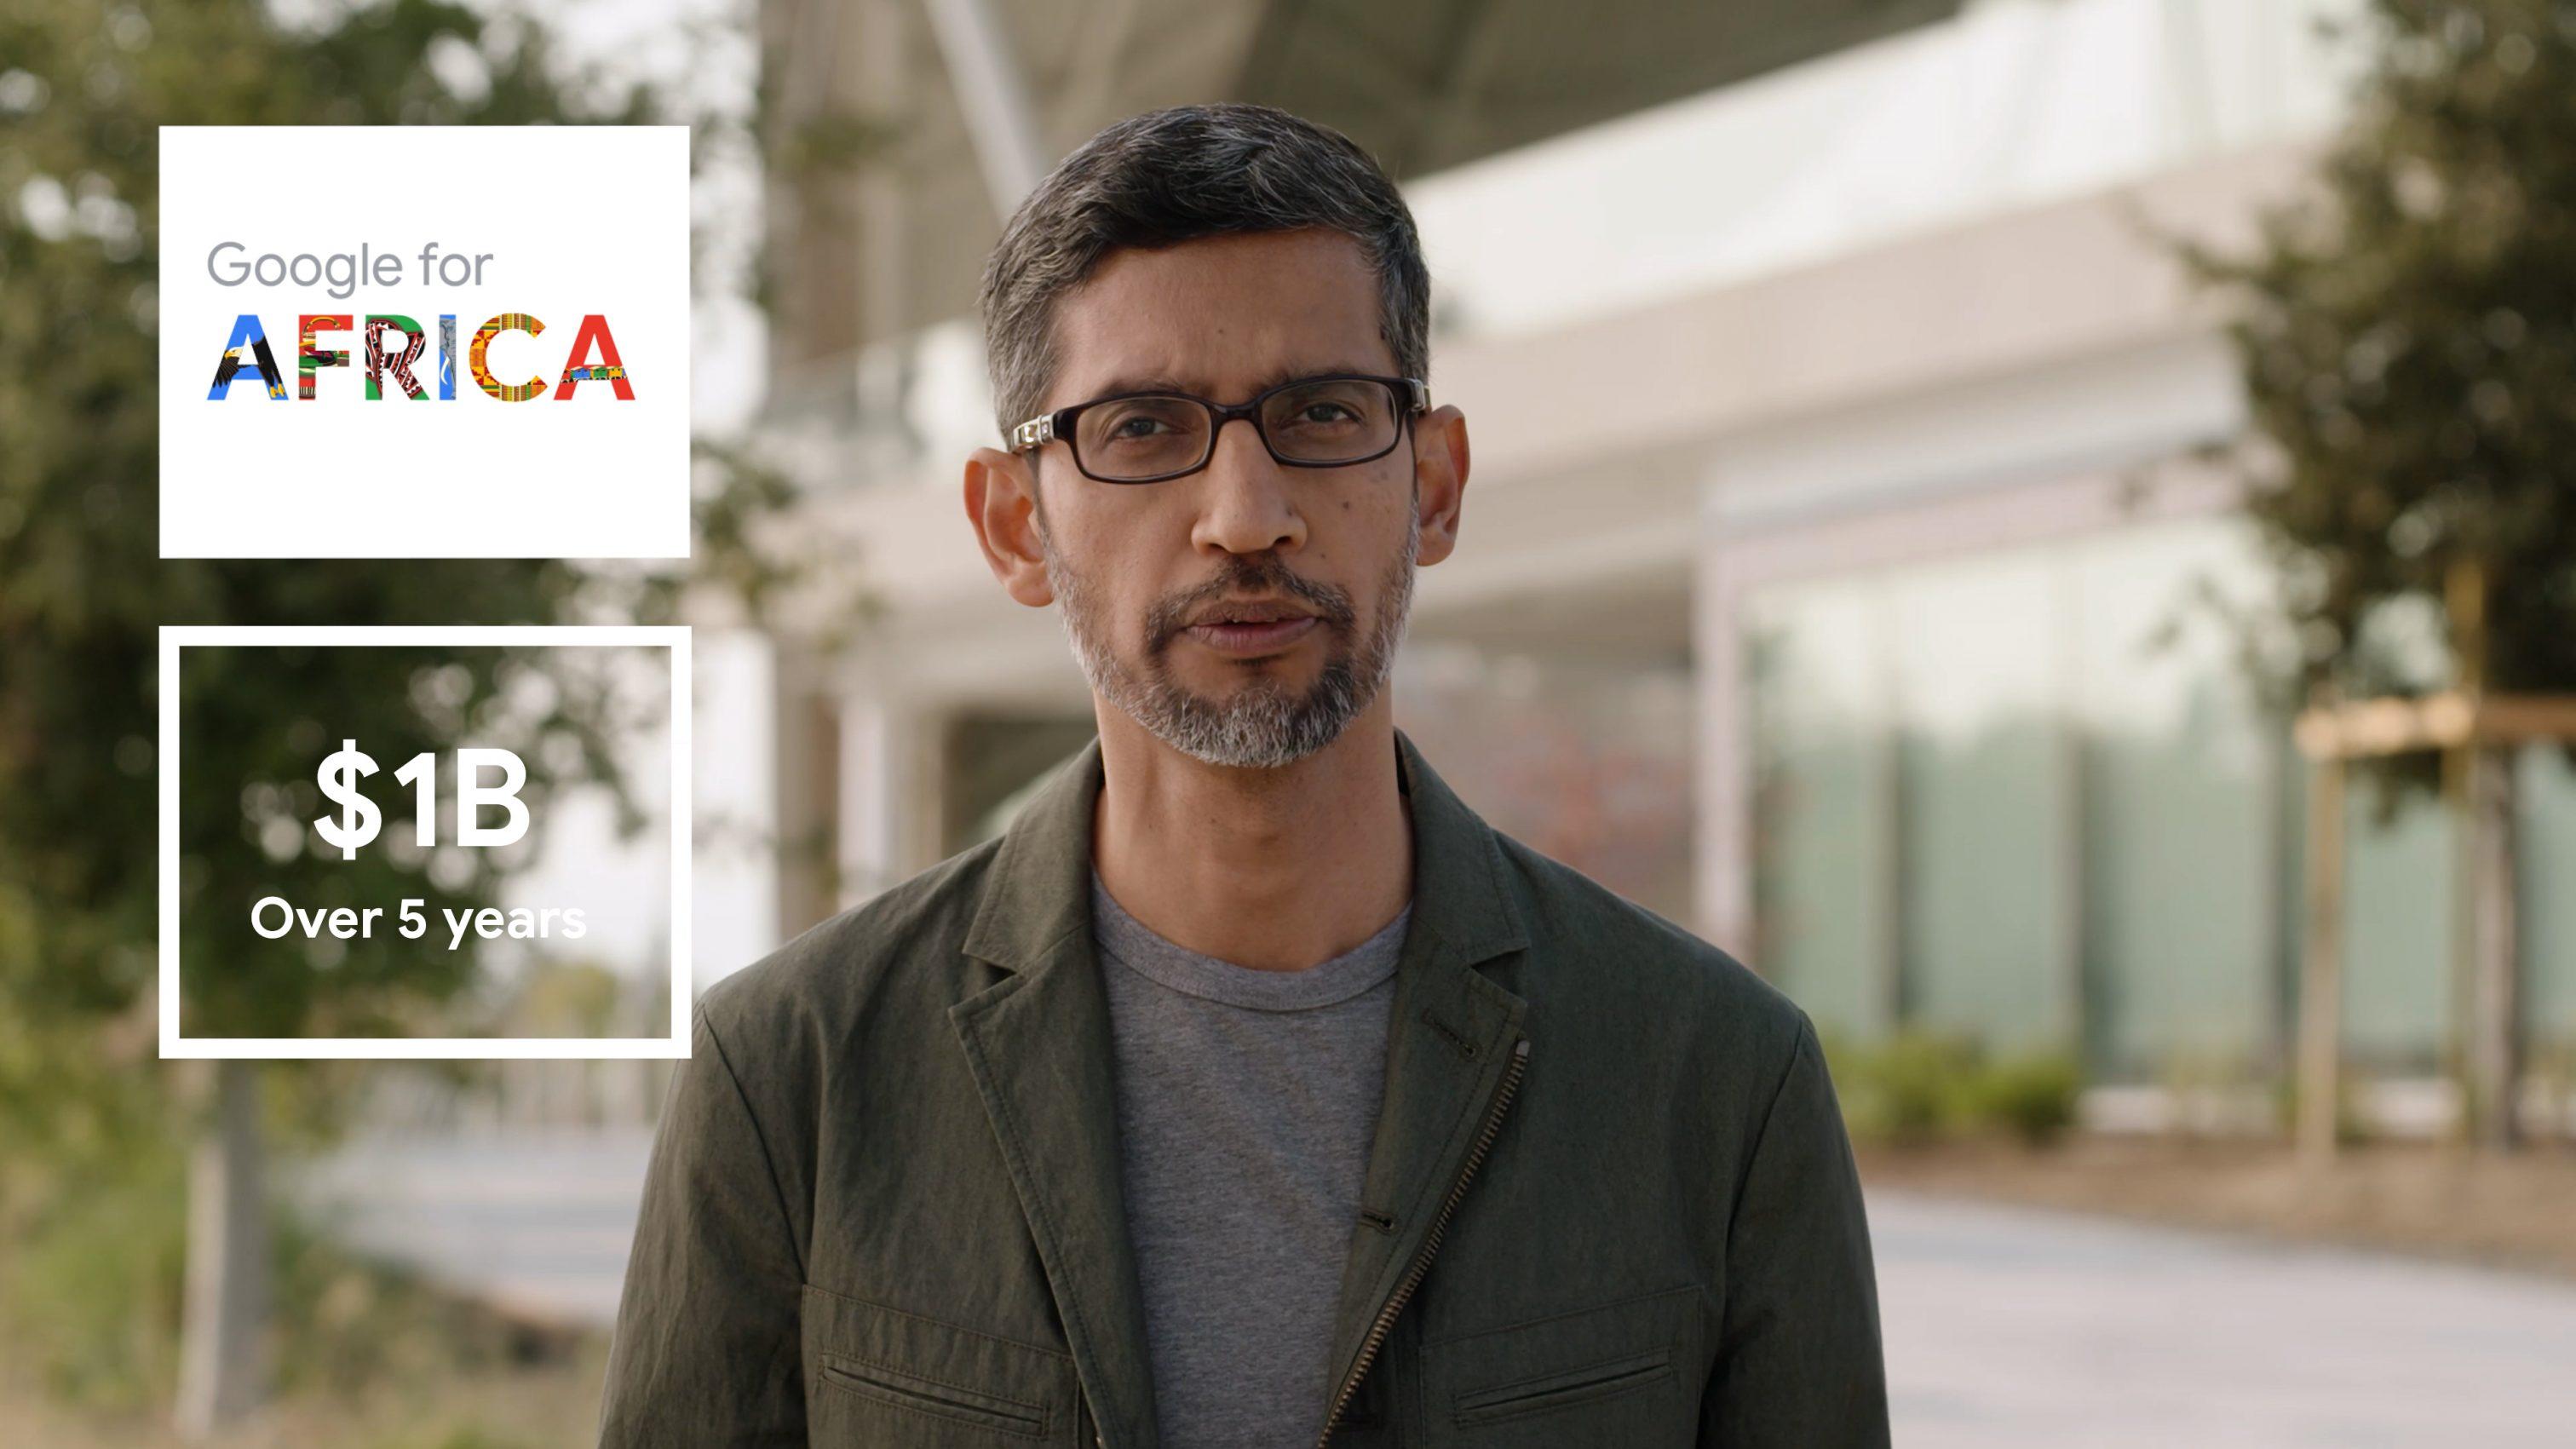 CEO of Google and Alphabet, Sundar Pichai